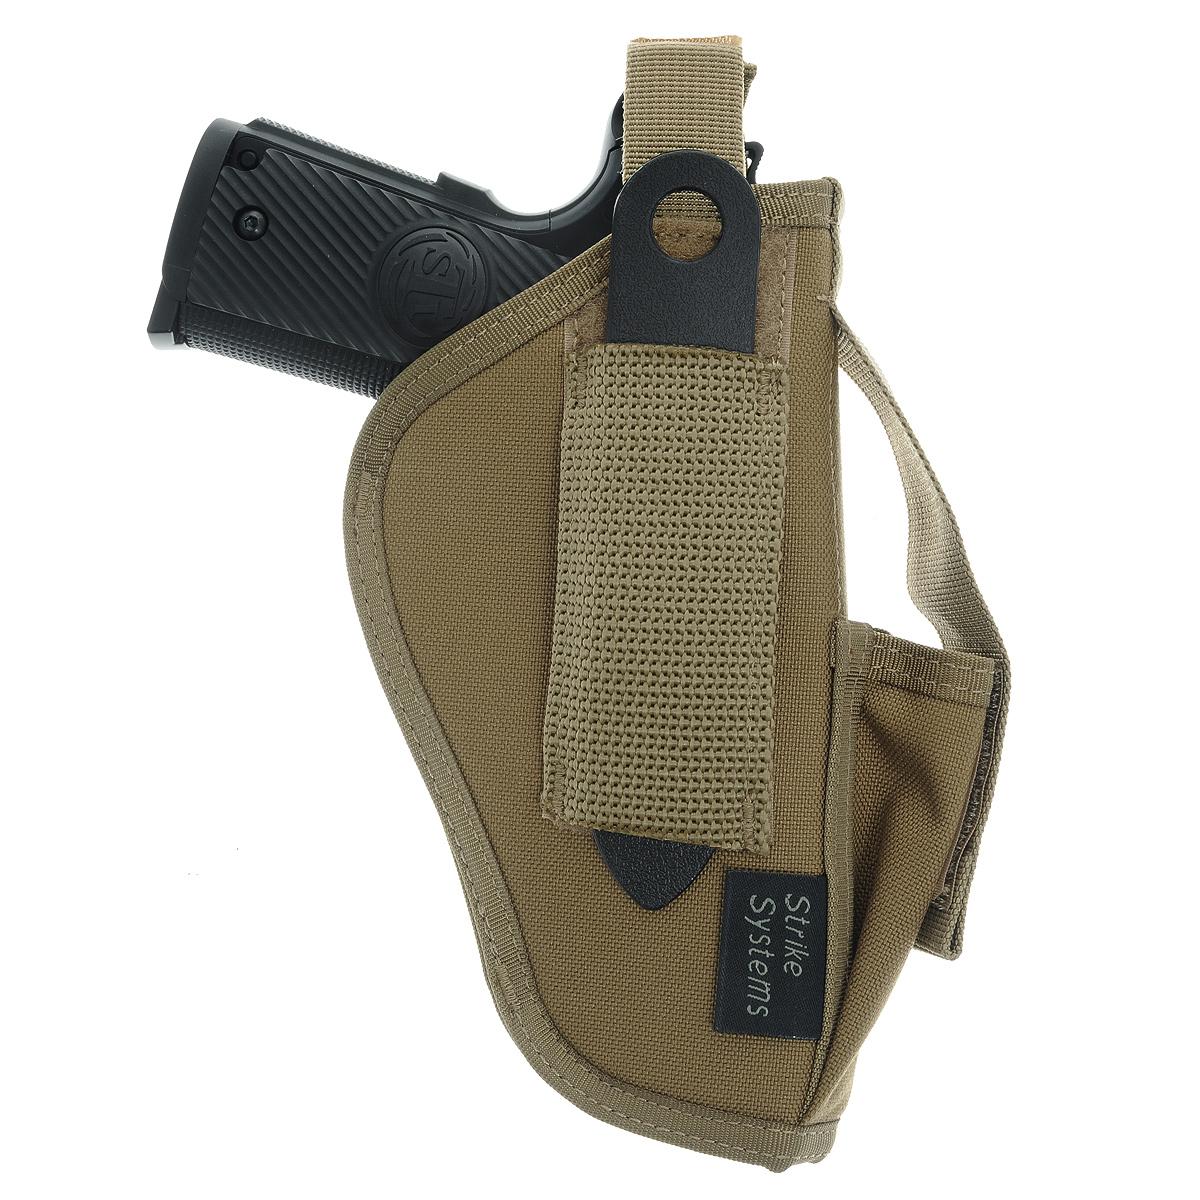 Кобура ASG поясная для M92, G17/18, STI, CZ, Steyr, Bersa, цвет: Tan (17018)17018Кобура поясная для пневматических и страйкбольных пистолетов серий M92, G17/18, STI, CZ, Steyr, Bersa (полноразмерные и среднеразмерные - Full Frame и Mid Frame) с подсумком для запасного магазина. Предназначена для ношения в тире и на полигоне. Показанные на фото оружие и аксессуары в комплект не входят. Не рассчитана на использование с боевым оружием. Подходит для левшей и правшей; В комплекте приспособление для удобной регулировки; Двойные швы; Из износостойкого и влагостойкого нейлона. Возврат товара возможен только при наличии заключения сервисного центра. Время работы сервисного центра: Пн-чт: 10.00-18.00 Пт: 10.00- 17.00 Сб, Вс: выходные дни Адрес: ООО ГАТО, 121471, г.Москва, ул. Петра Алексеева, д 12., тел. (495)232-4670, gato@gato.ru Характеристики: Материал: нейлон. Размер кобуры: 23 см х 14 см х 5 см. Размер упаковки: 23 см х 22 см х 5 см. Артикул:...